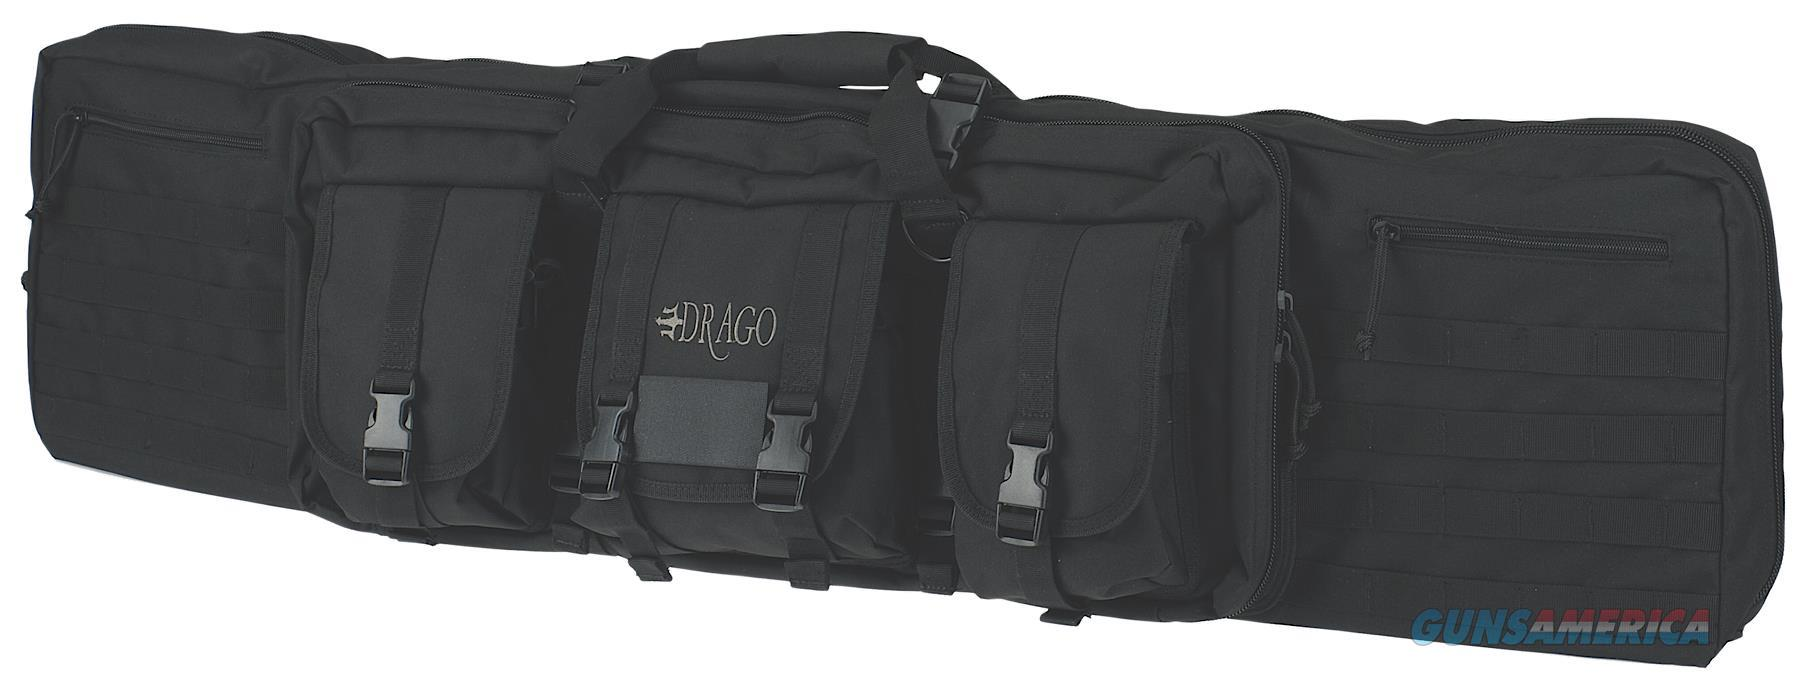 """Drago Gear 12-304Bl Single Gun Case 47"""" X 14"""" X 10"""" Exterior 600D Polyester Black 12-304BL  Non-Guns > Gun Cases"""